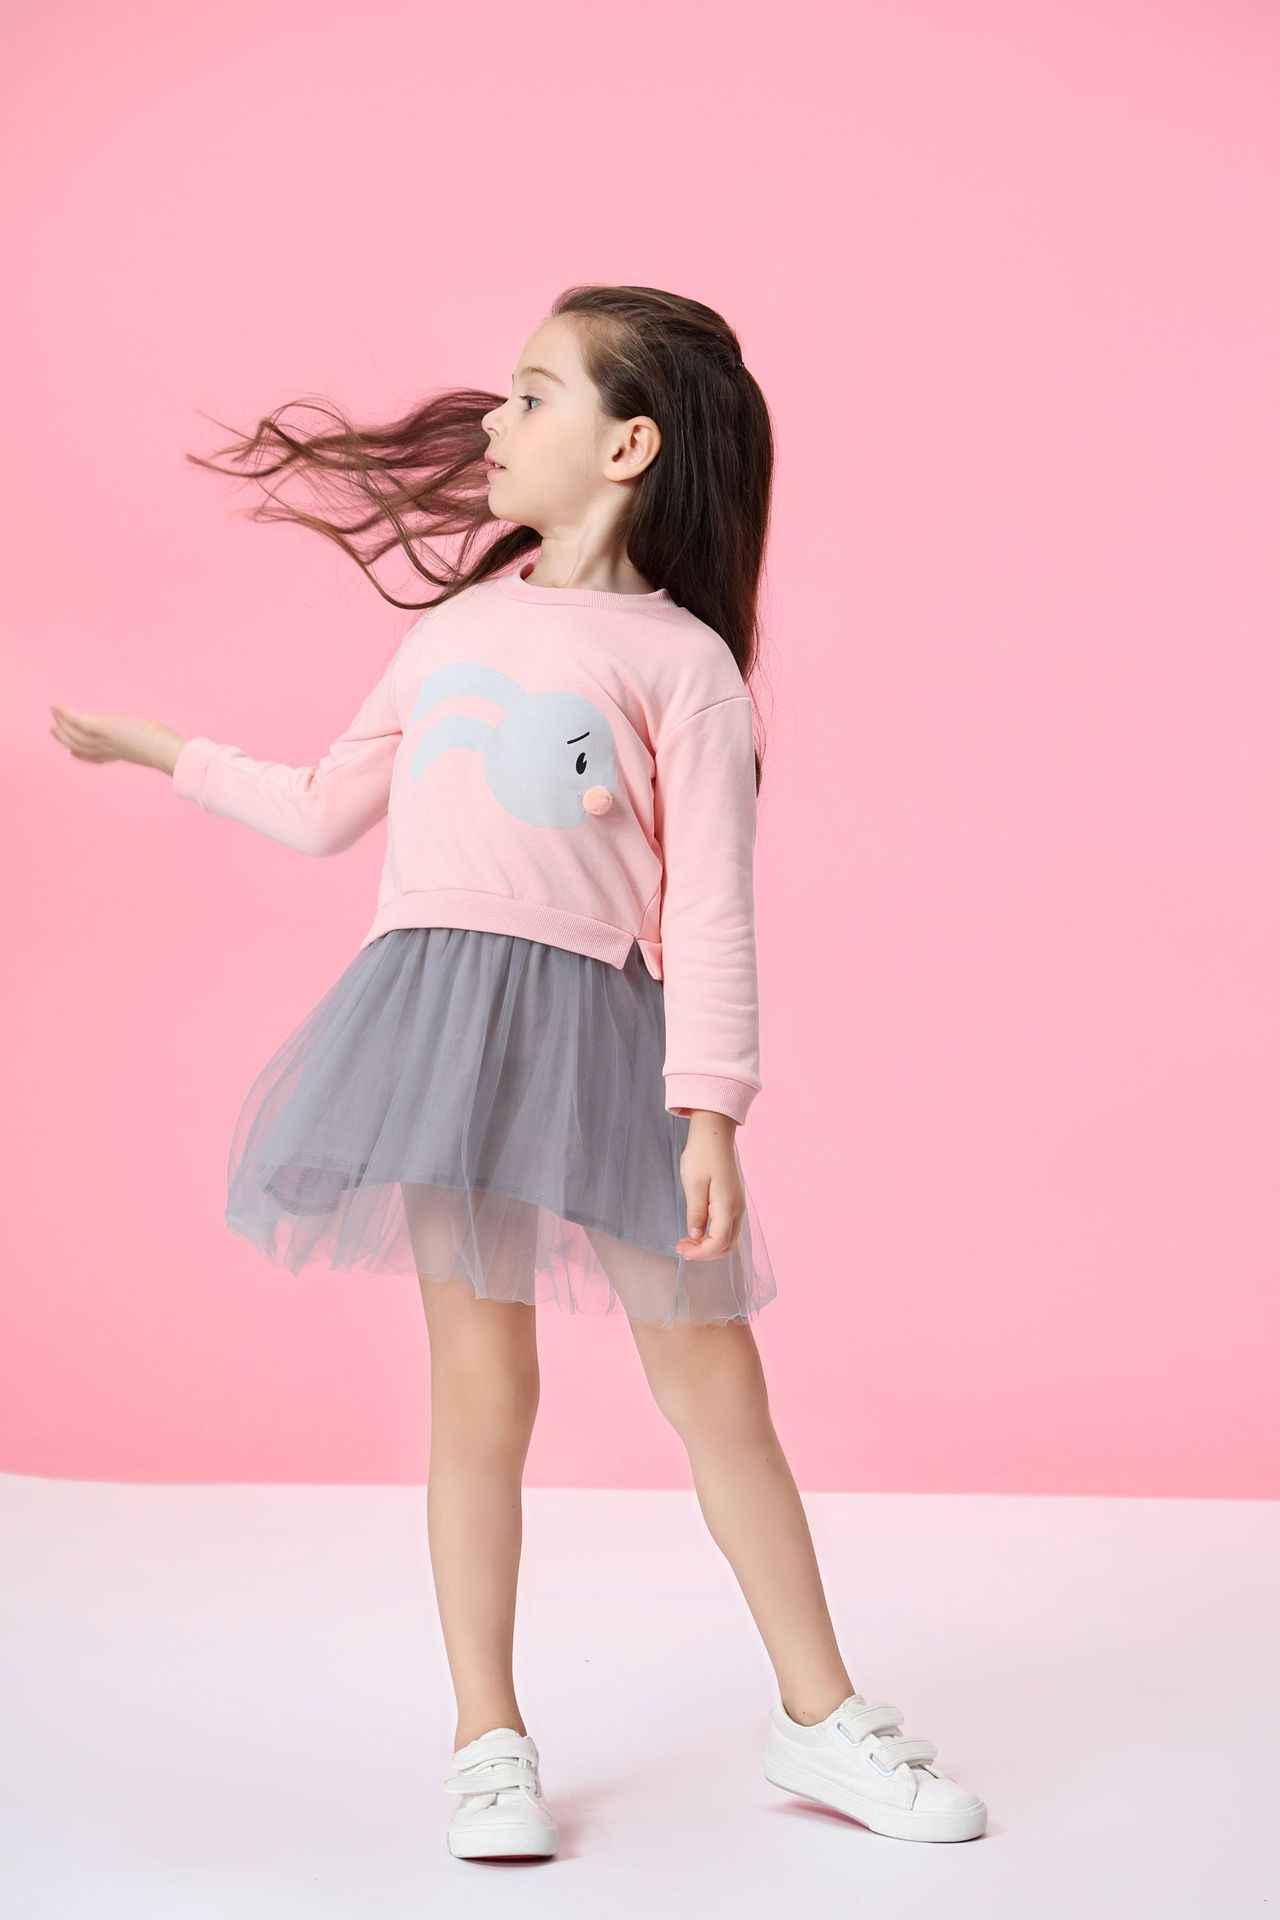 Модное платье принцессы для девочек вечерние платья из пряжи детское платье с рисунком кролика хлопковые детские платья с длинными рукавами для девочек